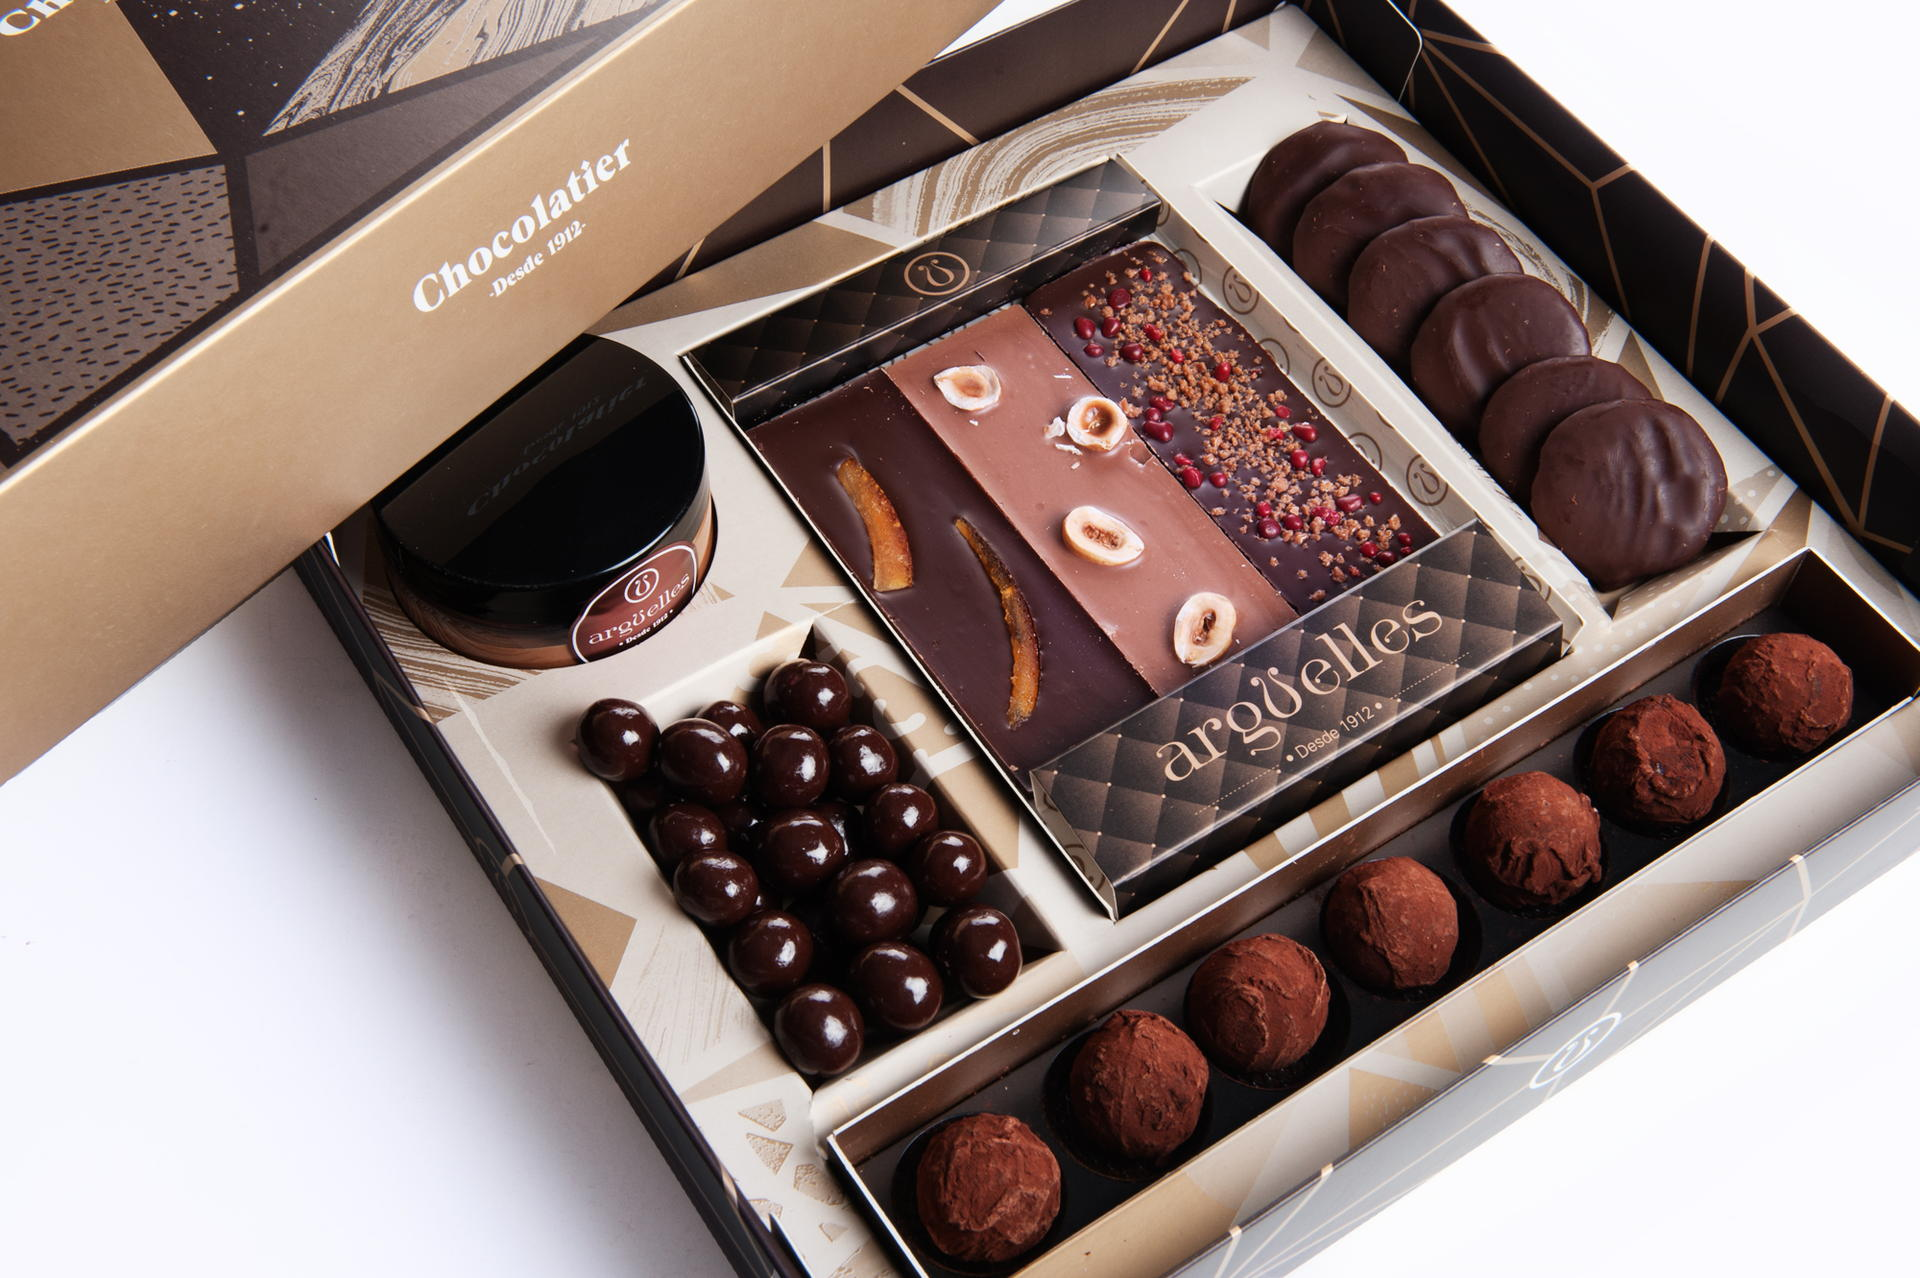 Comprar chocolate online - Pastelería Arguelles Gijón